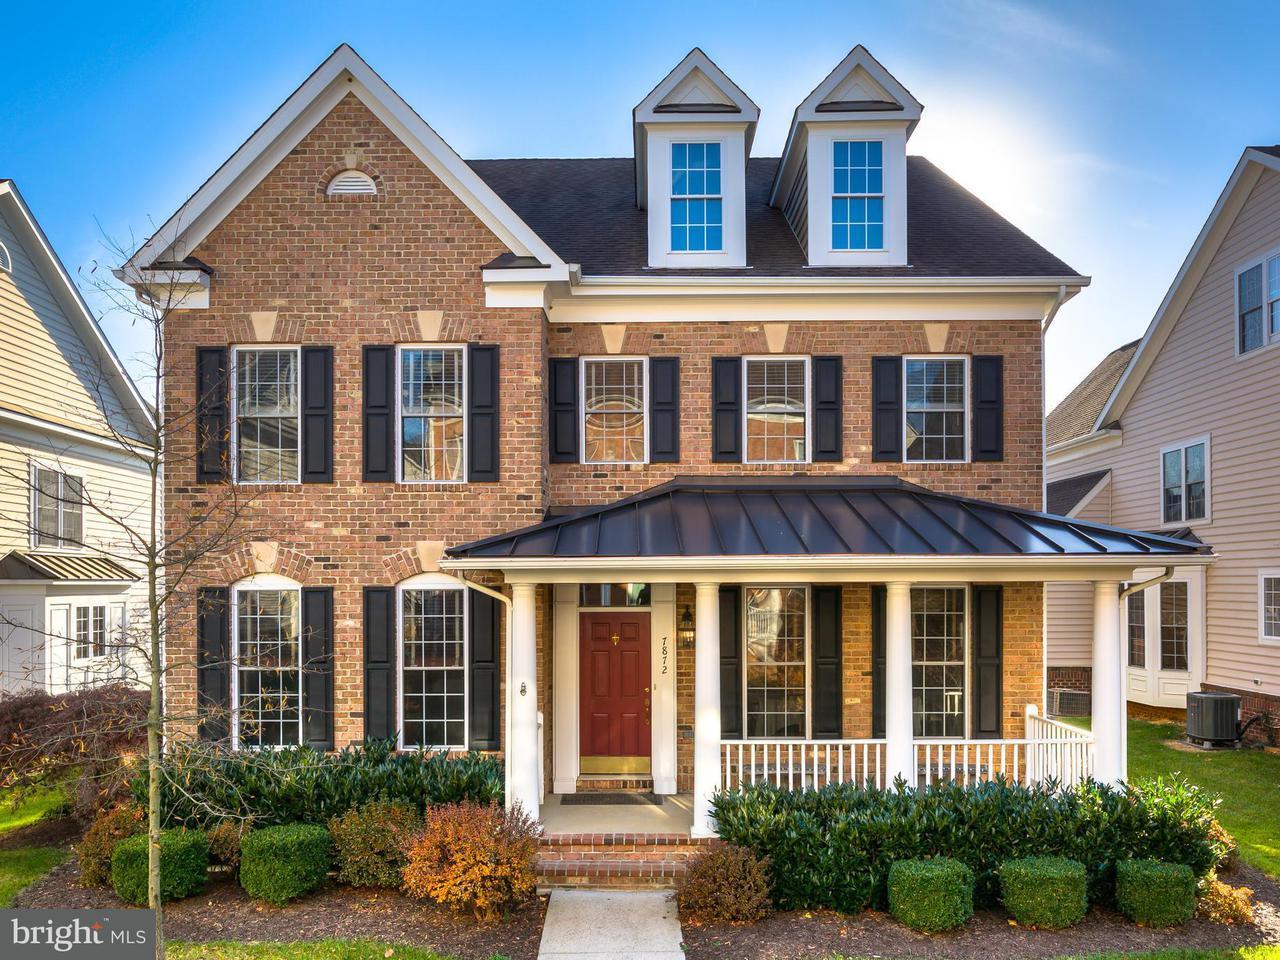 獨棟家庭住宅 為 出售 在 7872 Promontory Court 7872 Promontory Court Dunn Loring, 弗吉尼亞州 22027 美國